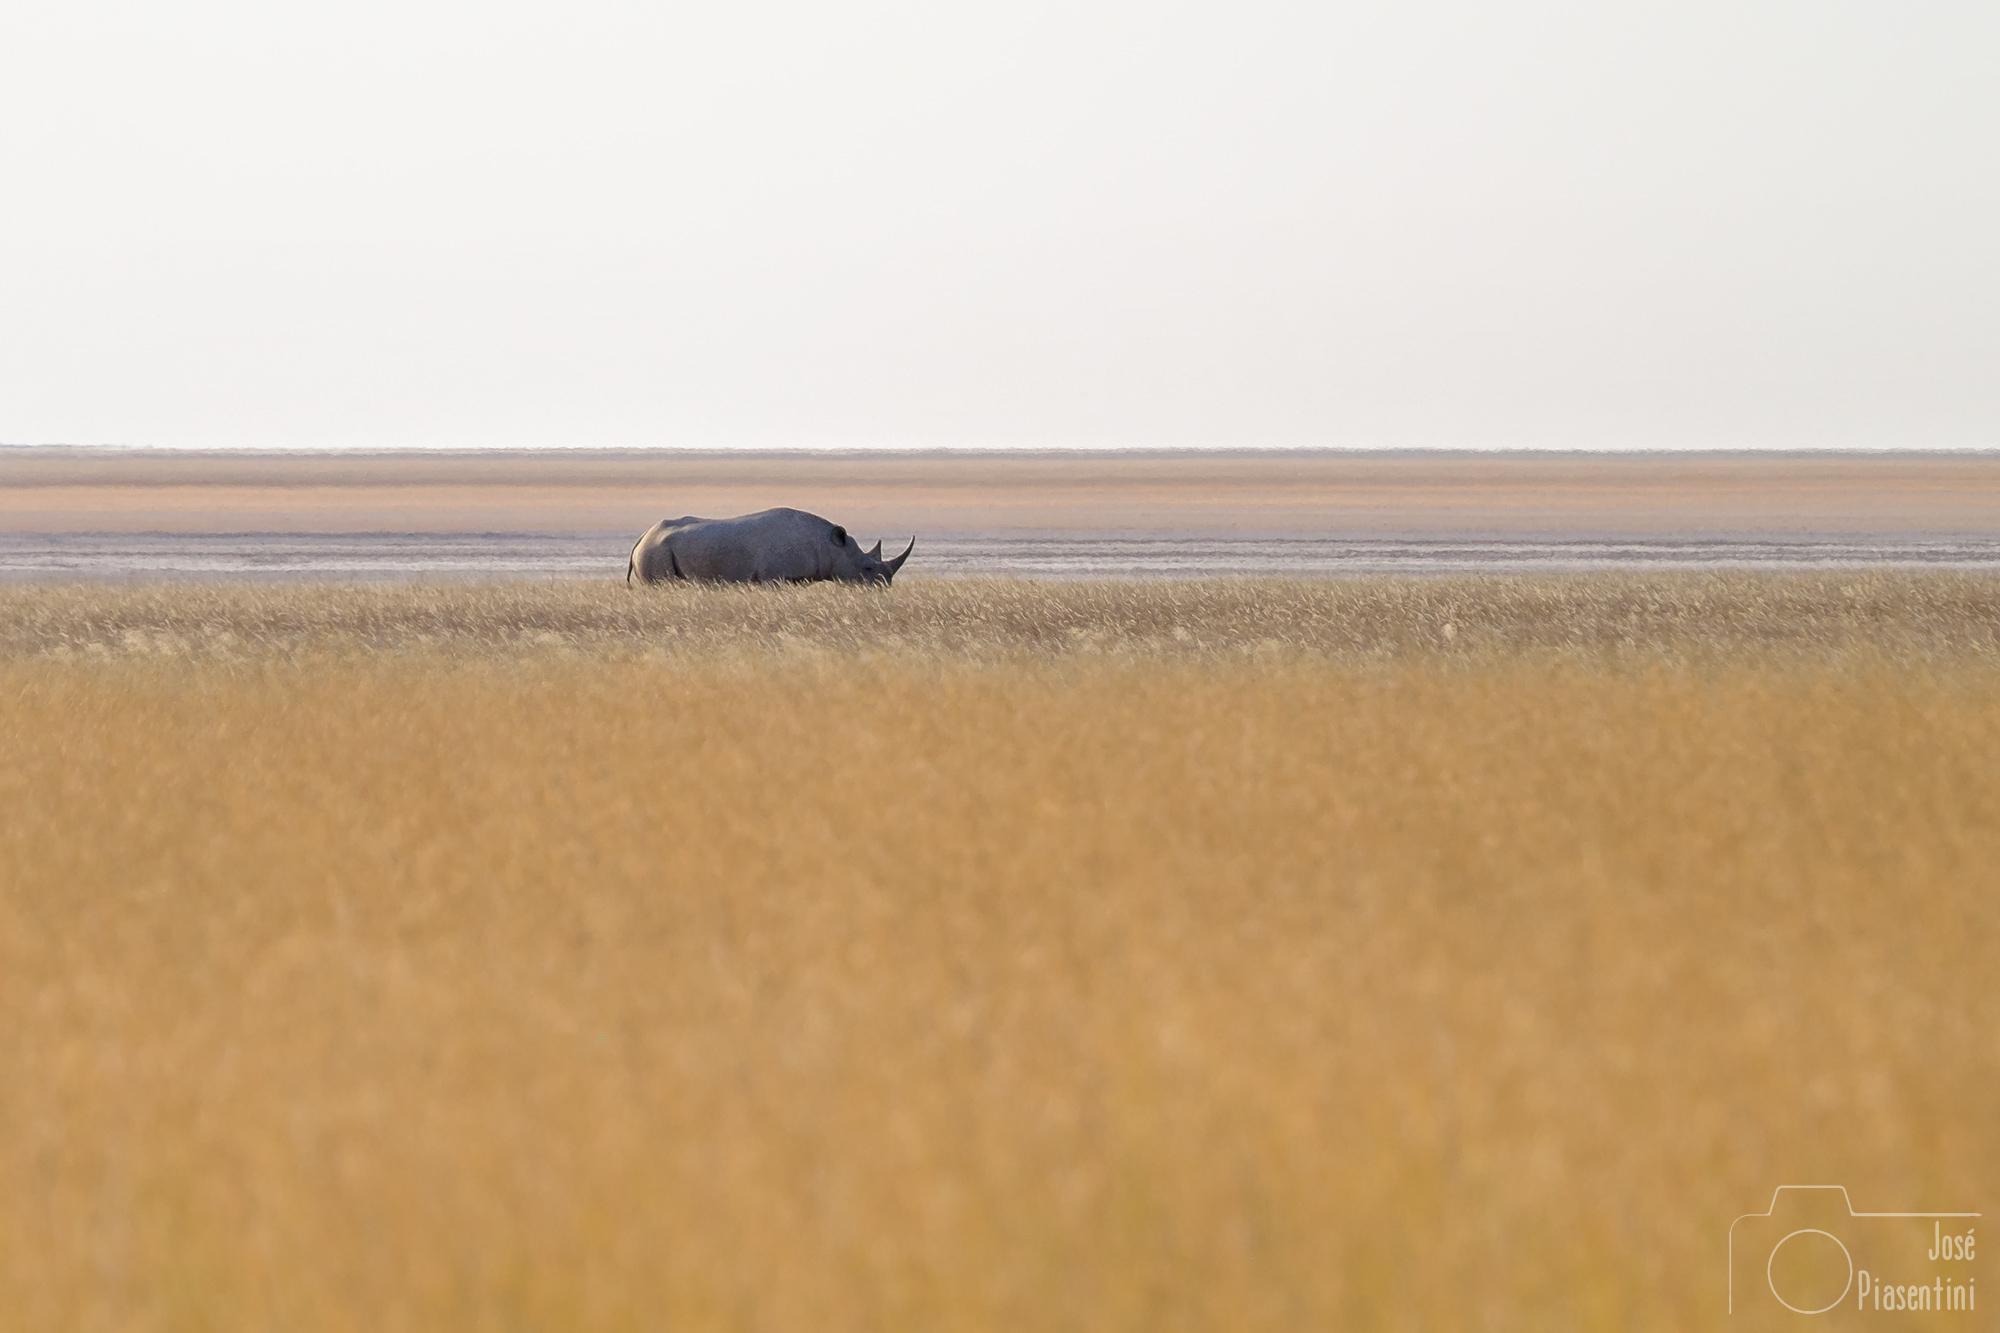 Etosha landscape and rhino